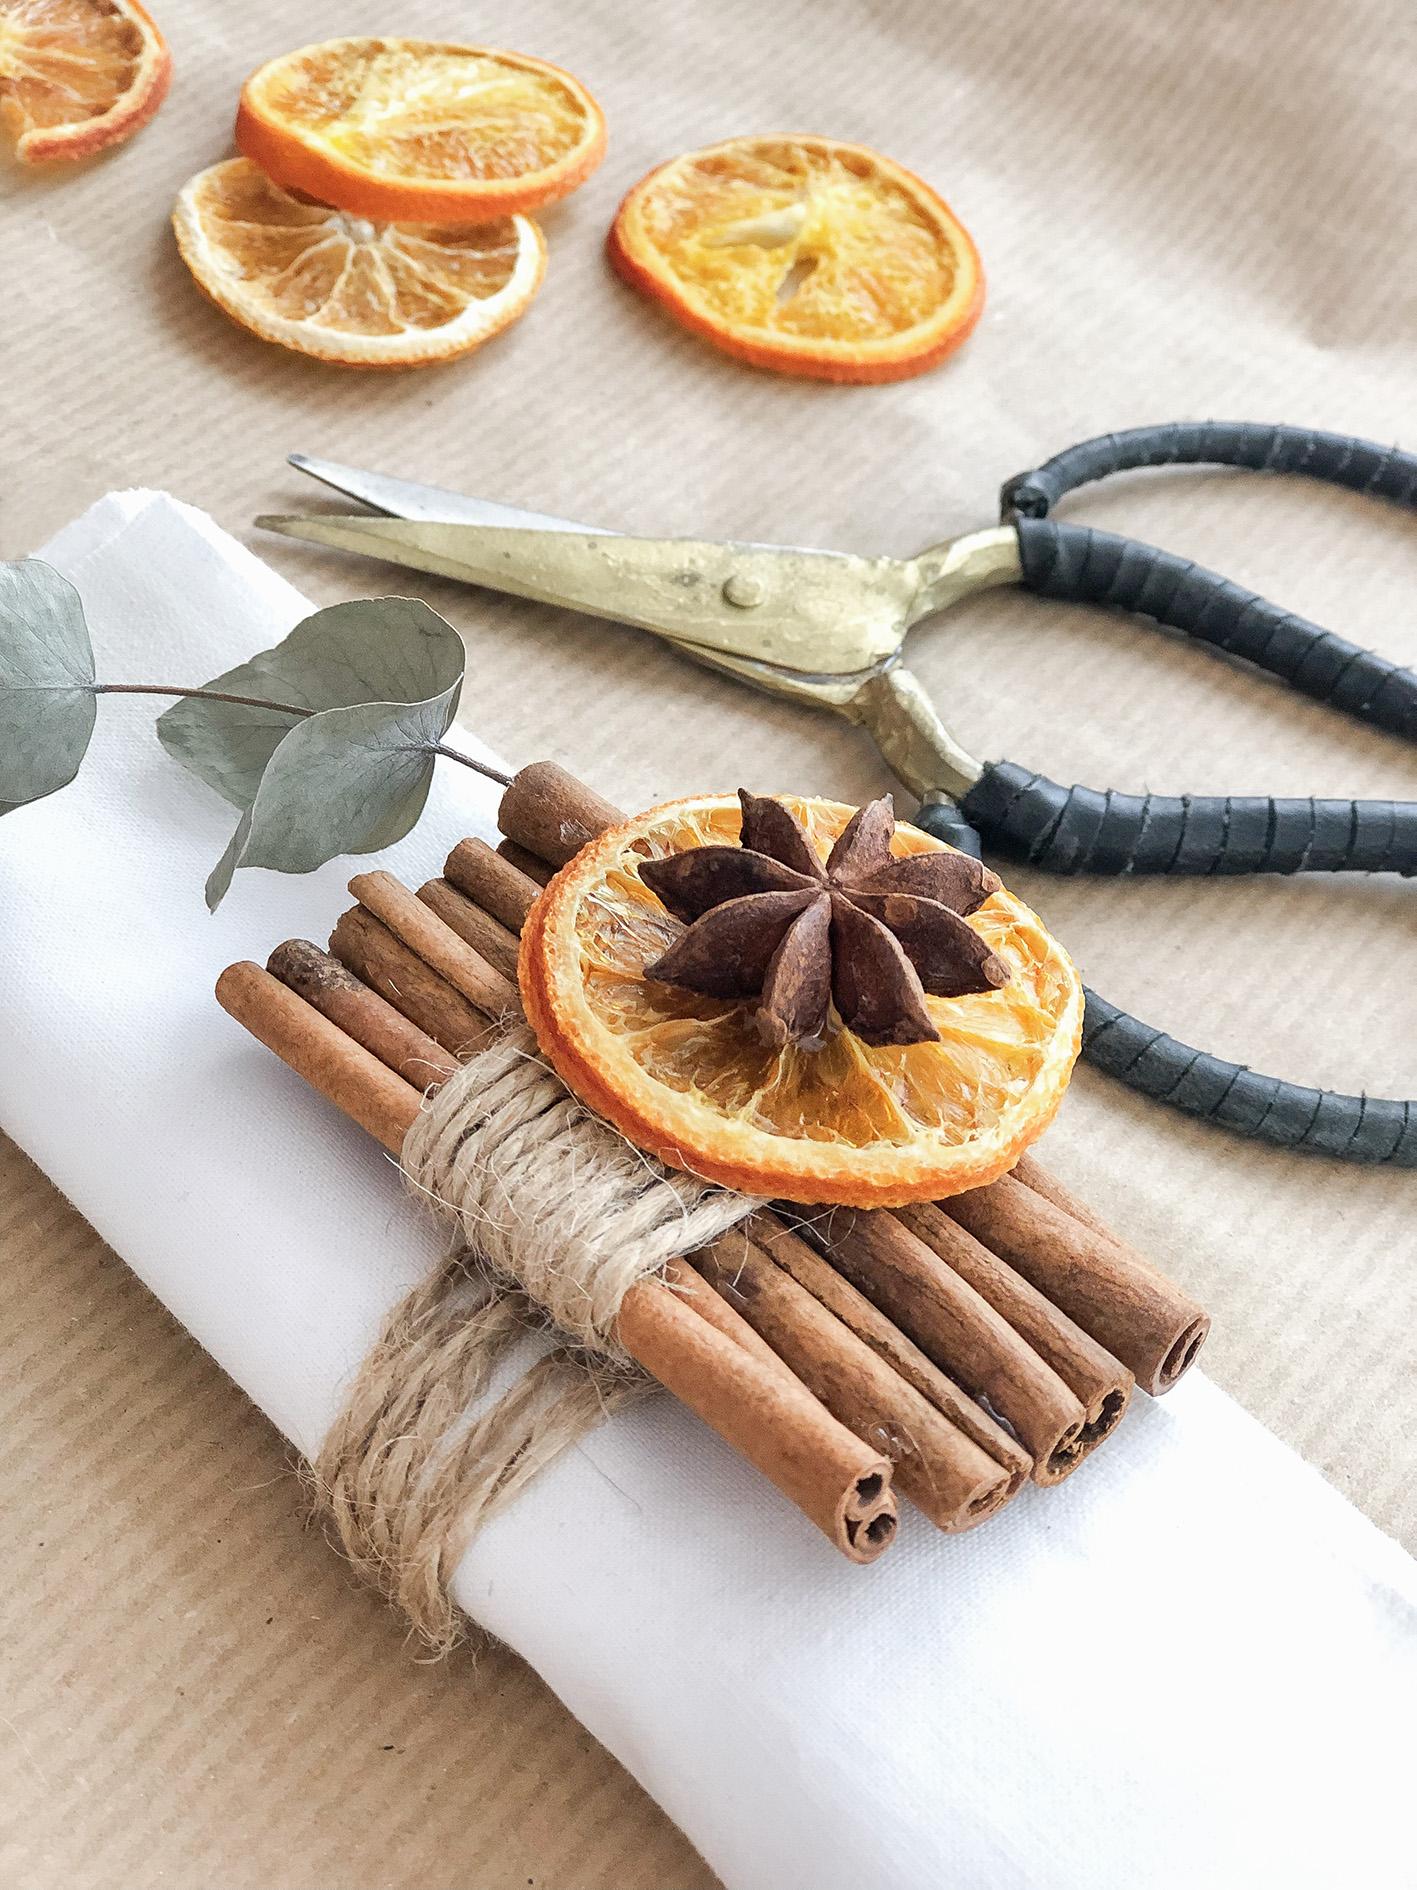 Rond De Serviette A Fabriquer Pour Noel diy ronds de serviette pour noël | blog diy lyon artlex